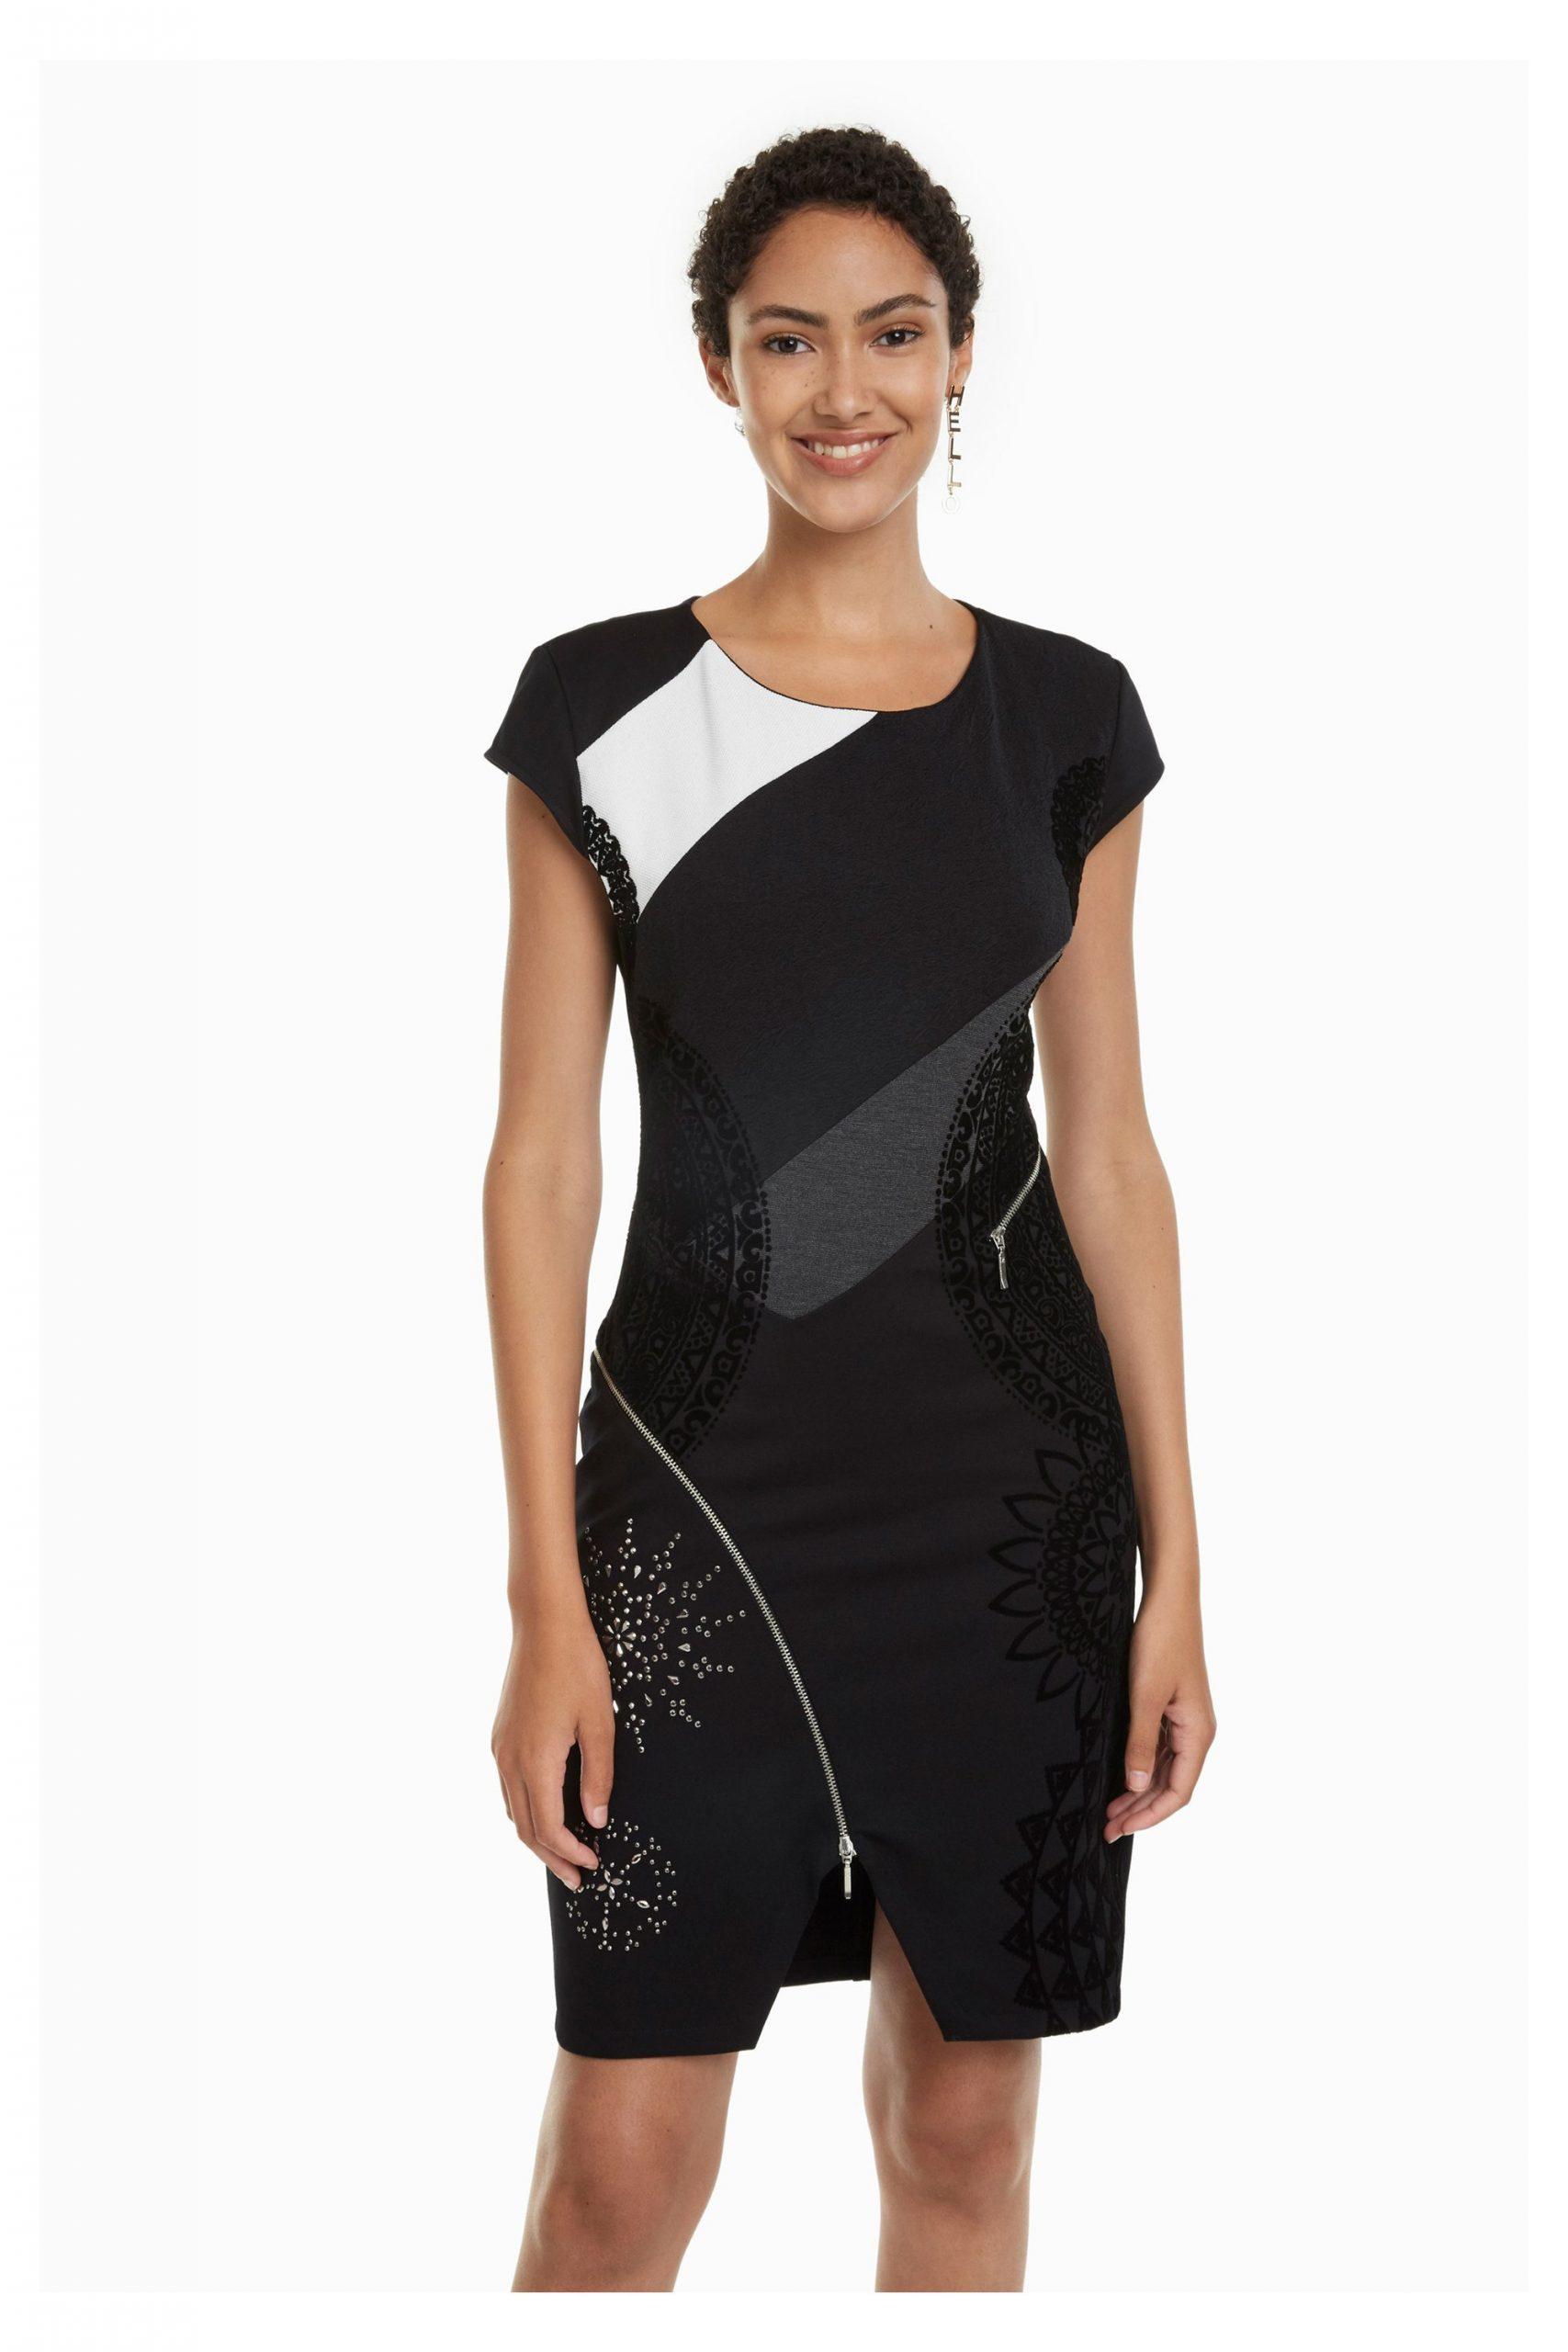 Desigual Lidia Damen Kleid  Kleider  Bekleidung  Damen